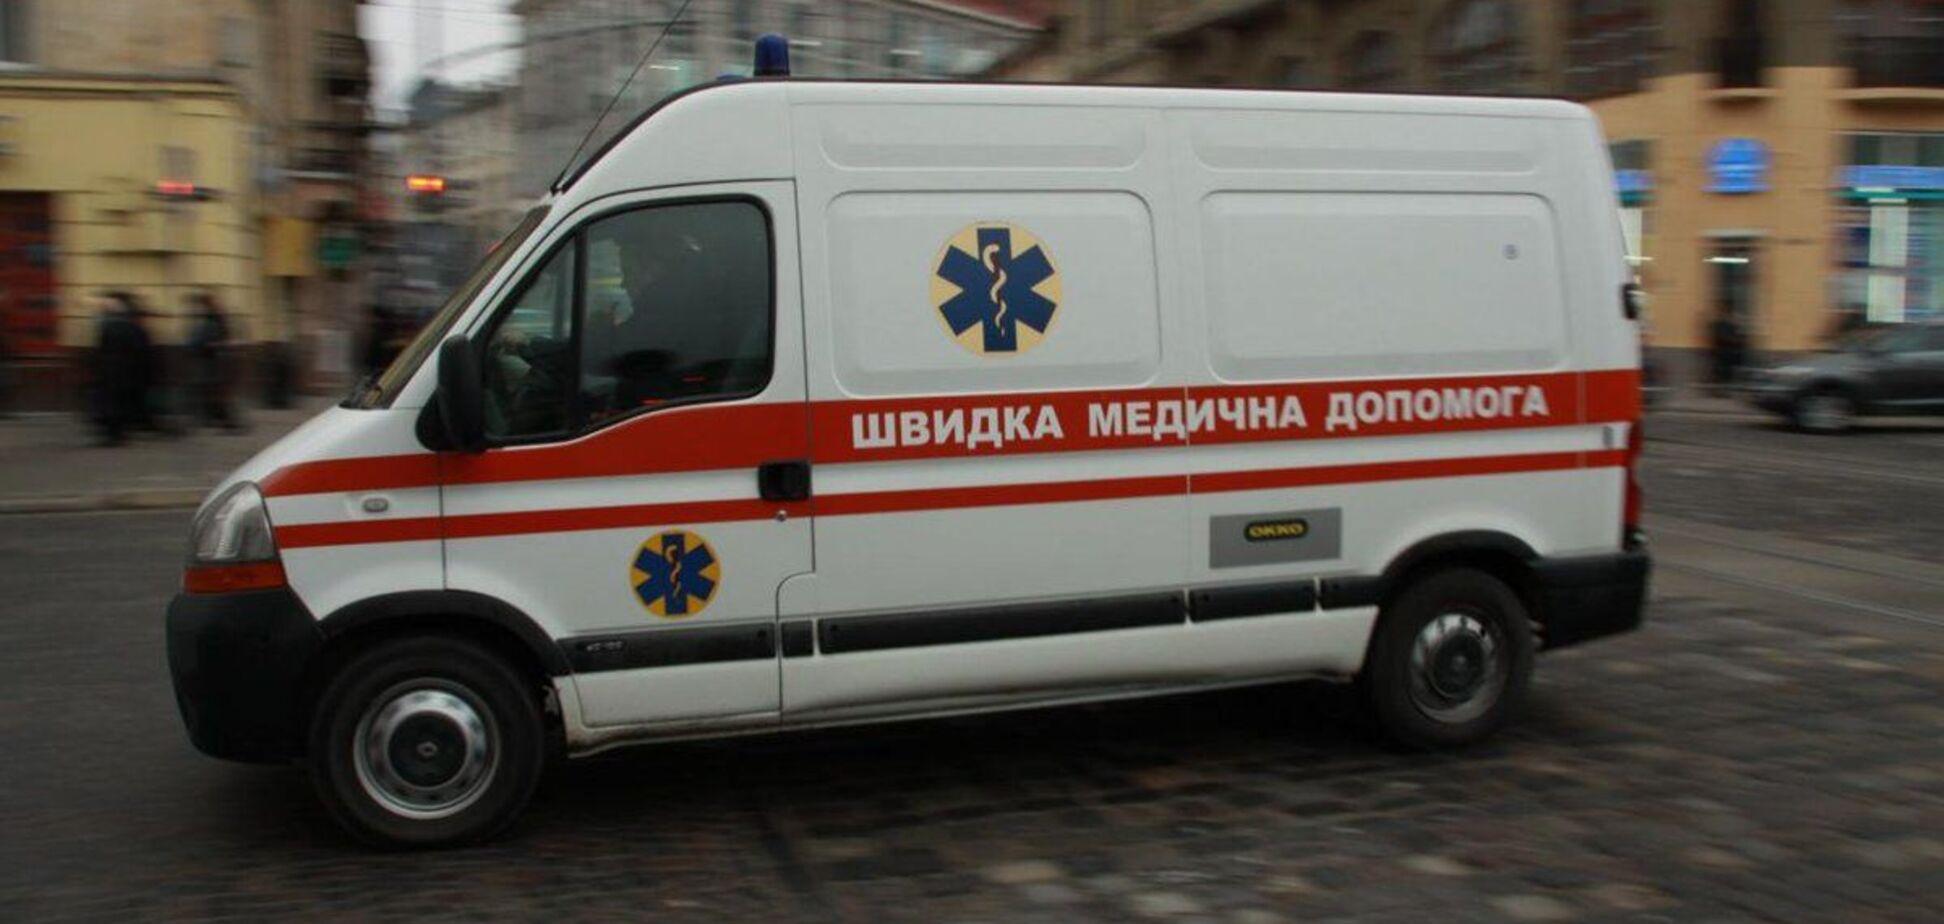 Во Львове в ванной умерла 18-летняя девушка